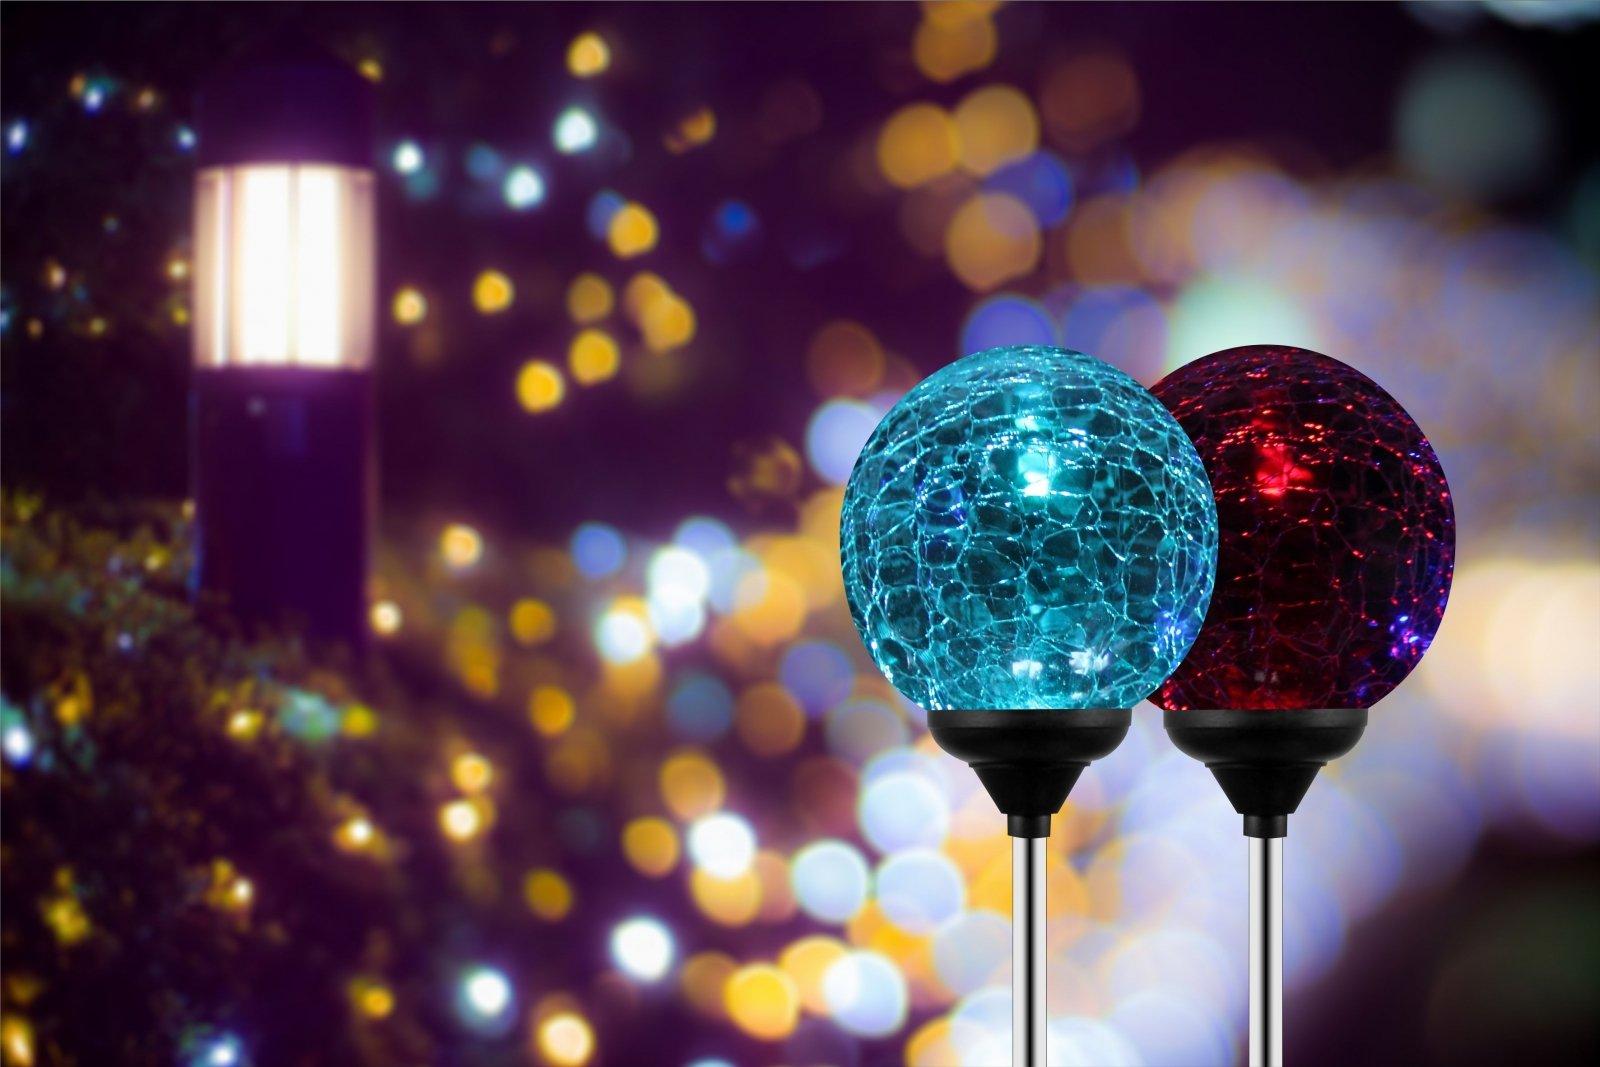 Solar Globe Lights, OxyLED Crystal Glass LED Light/Solar Stake Light, 689789359273 eBay